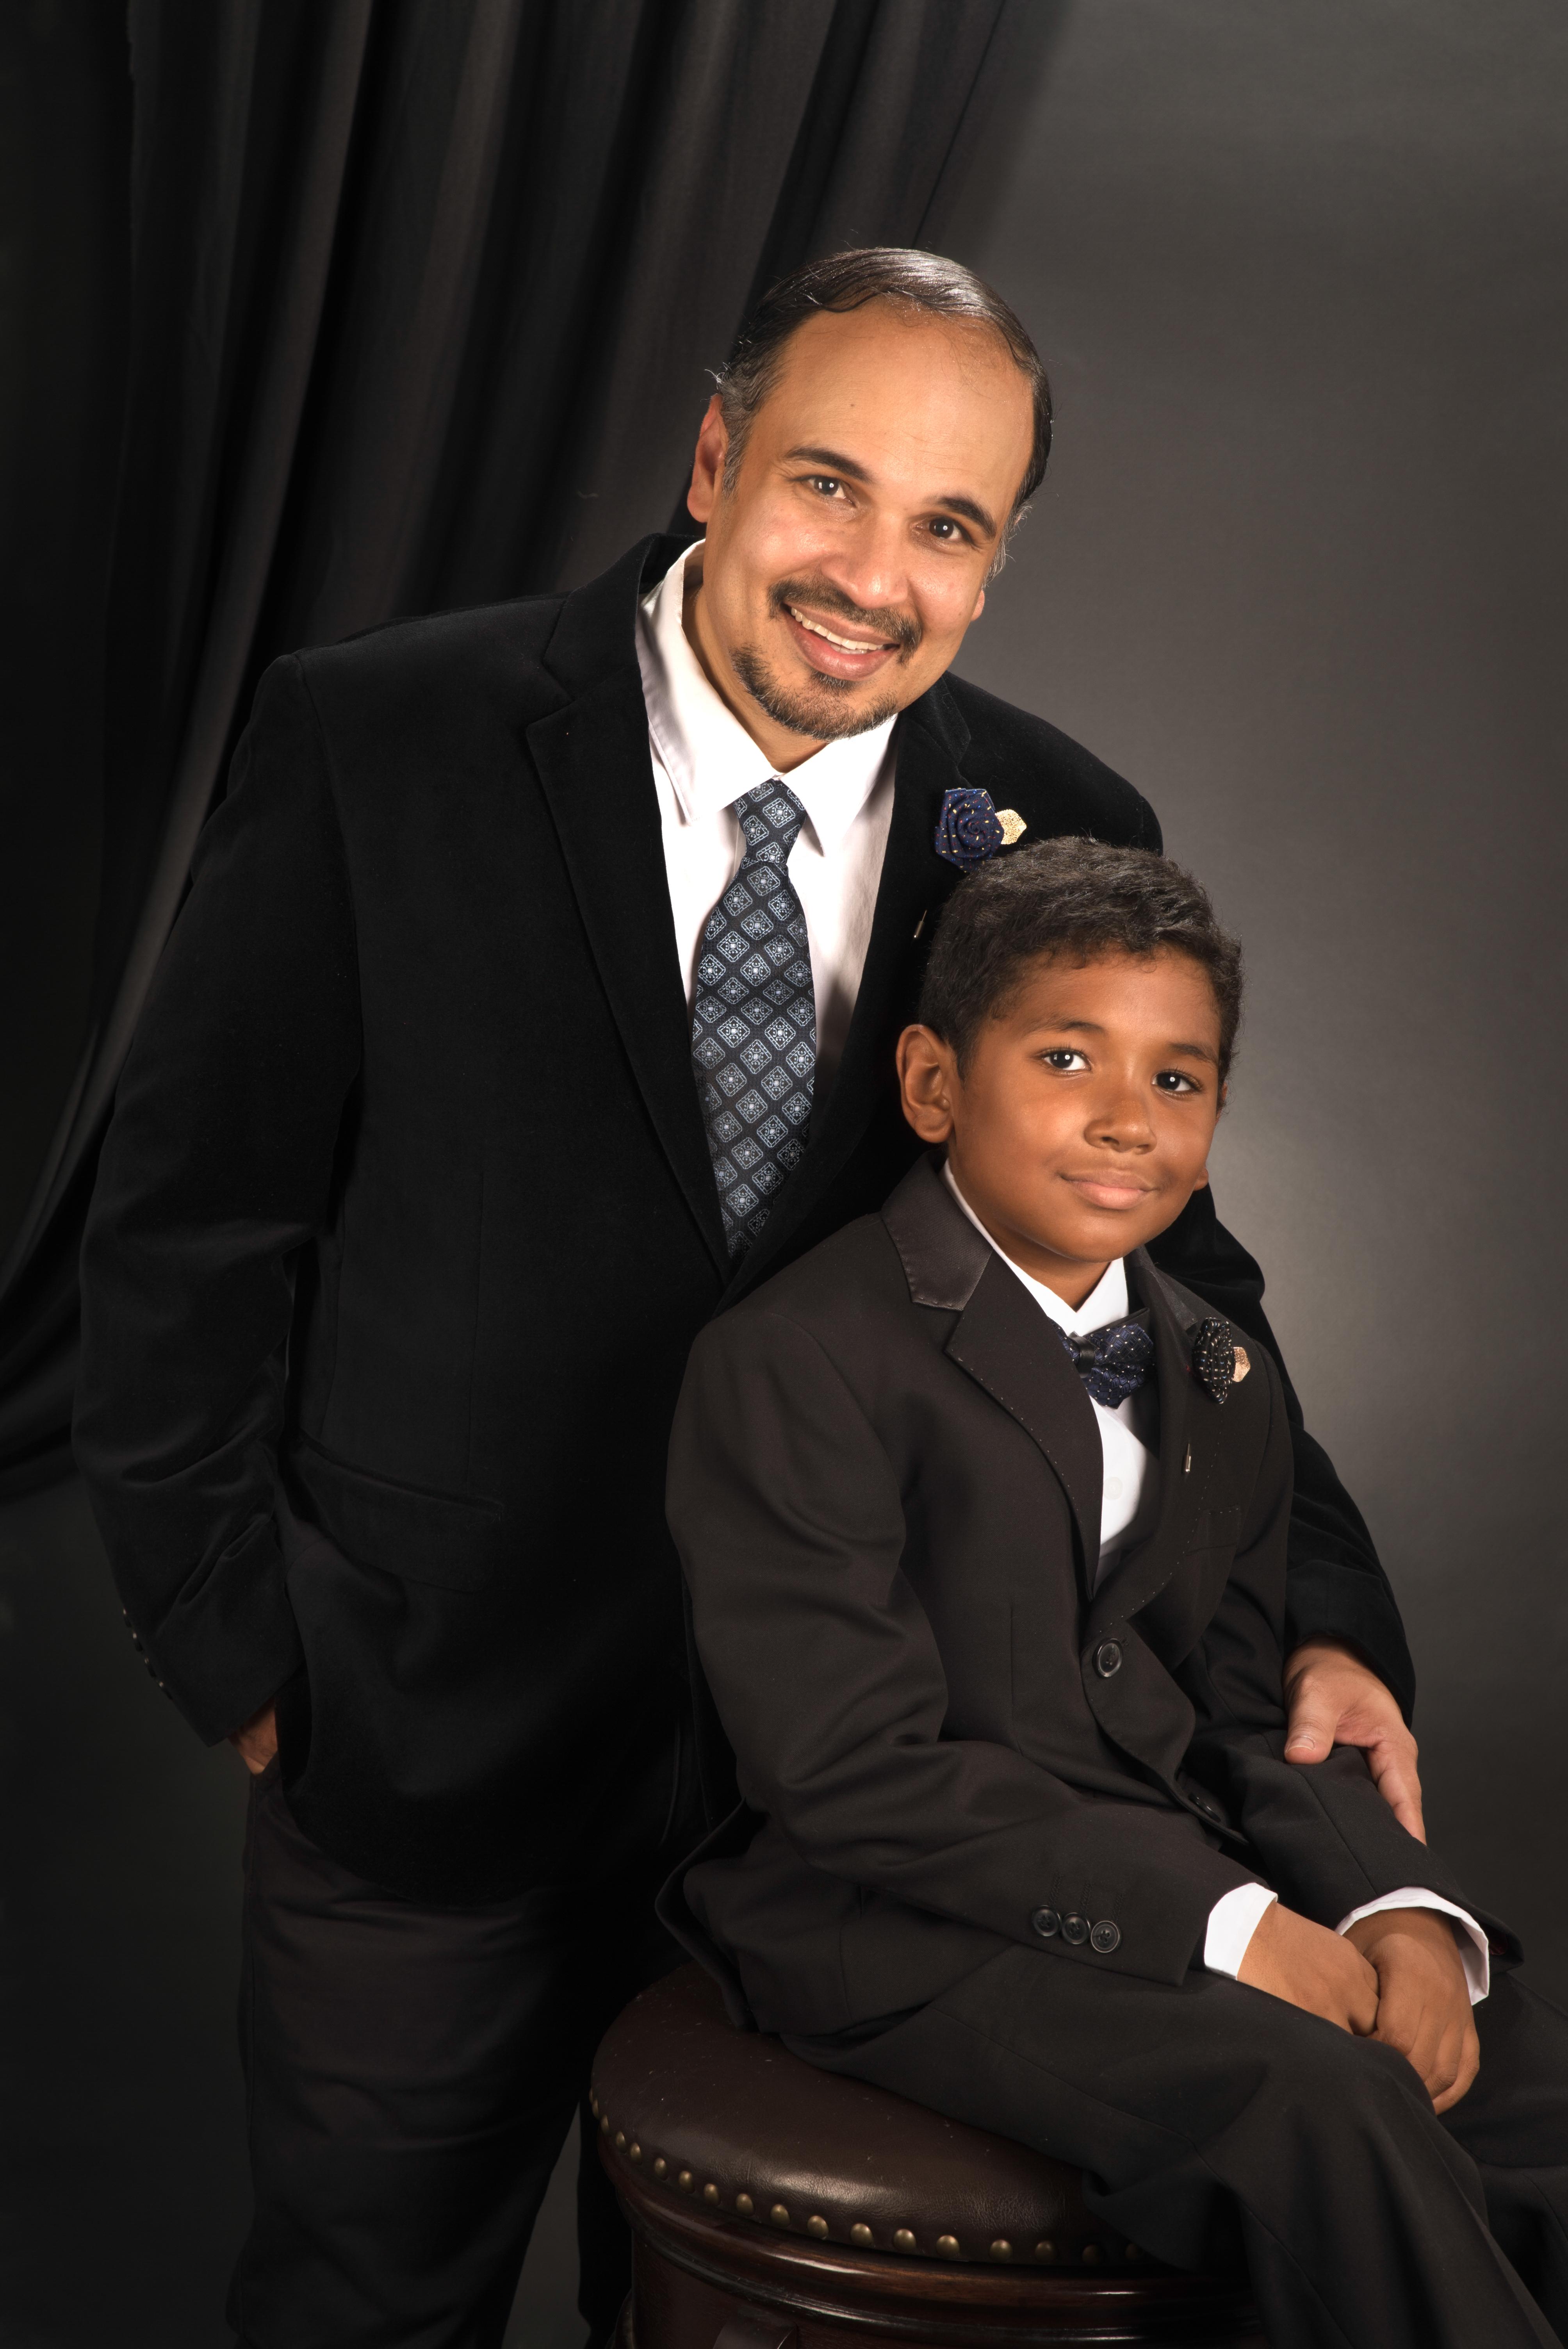 Trinidad Family Photography